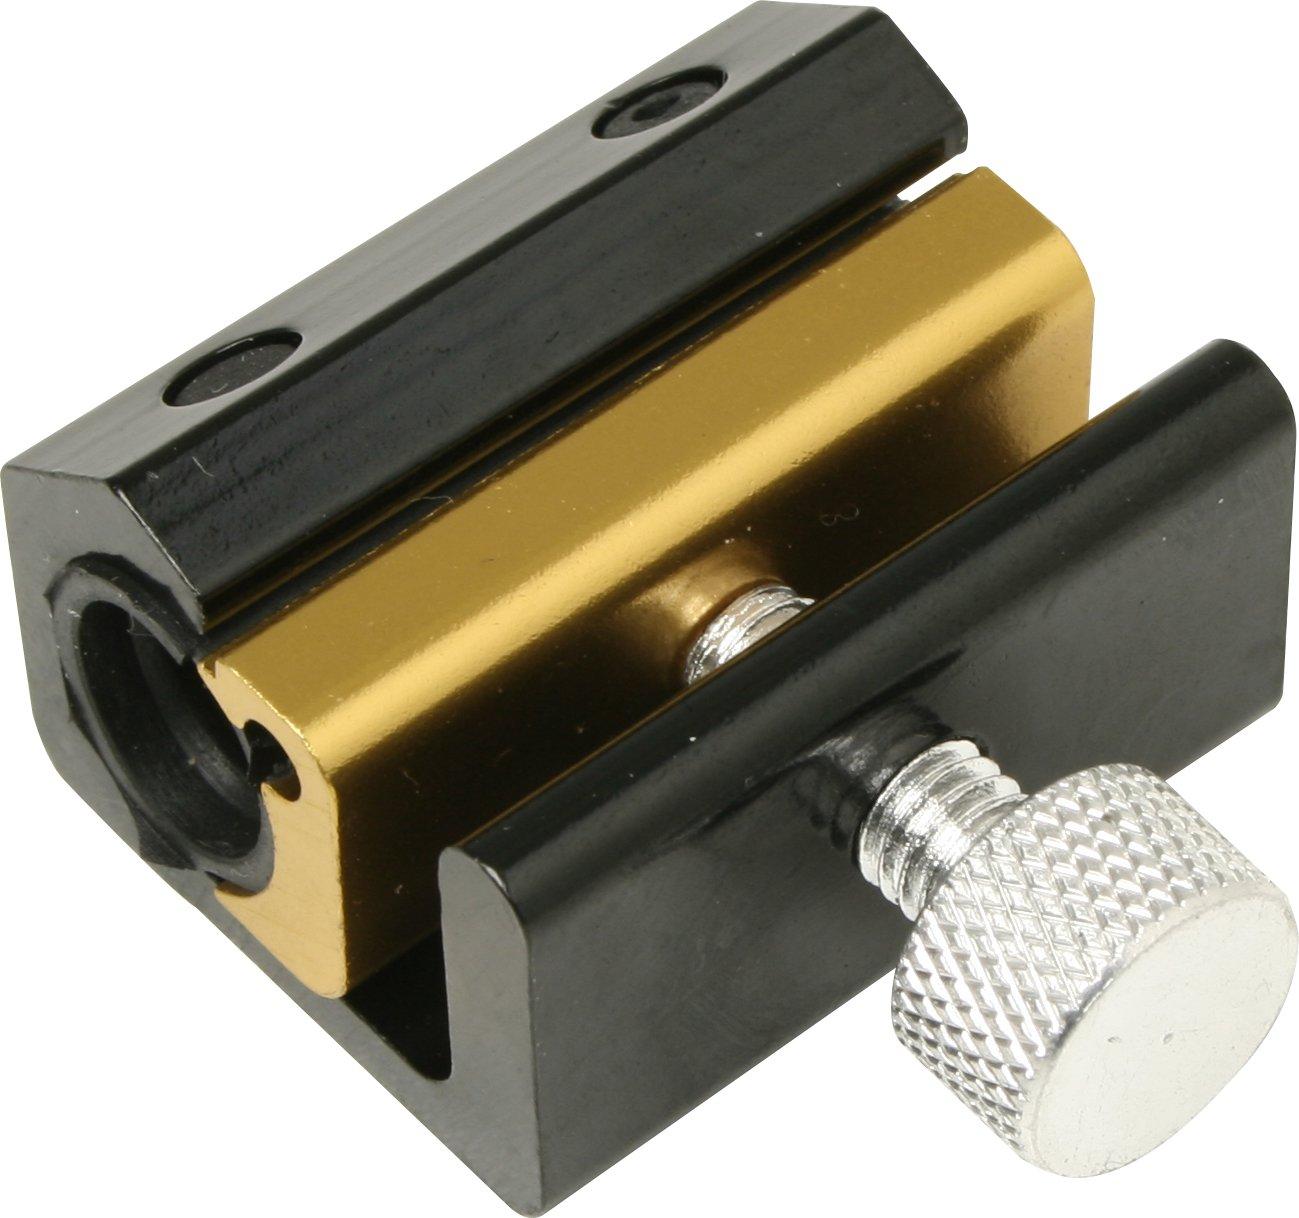 Lubricador para Cables Gear Gremlin GG510 The Key Collection